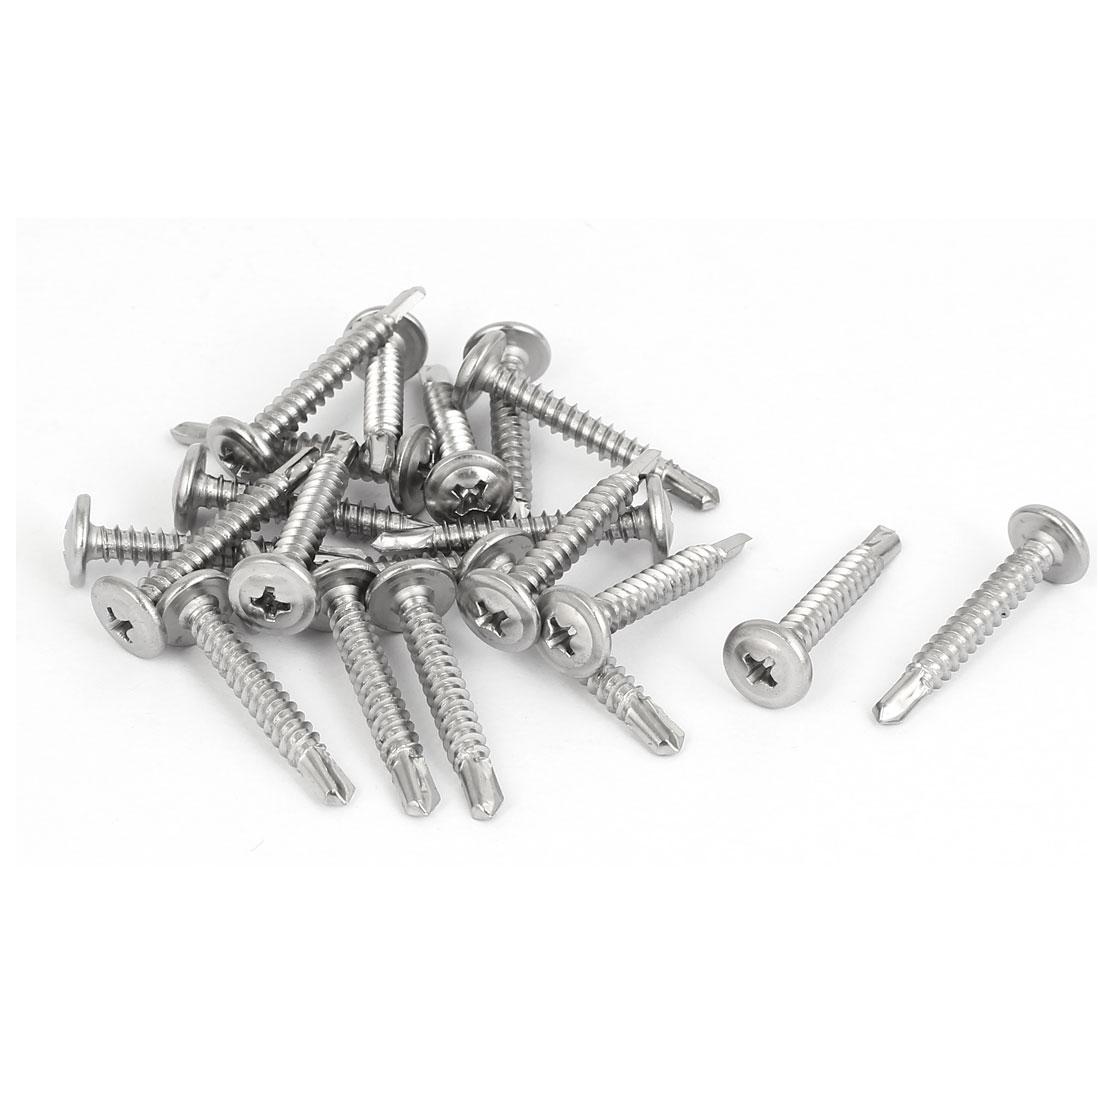 M4.8 x 32mm Thread Metal Round Phillips Head Self Drilling Tek Screws 20 Pcs